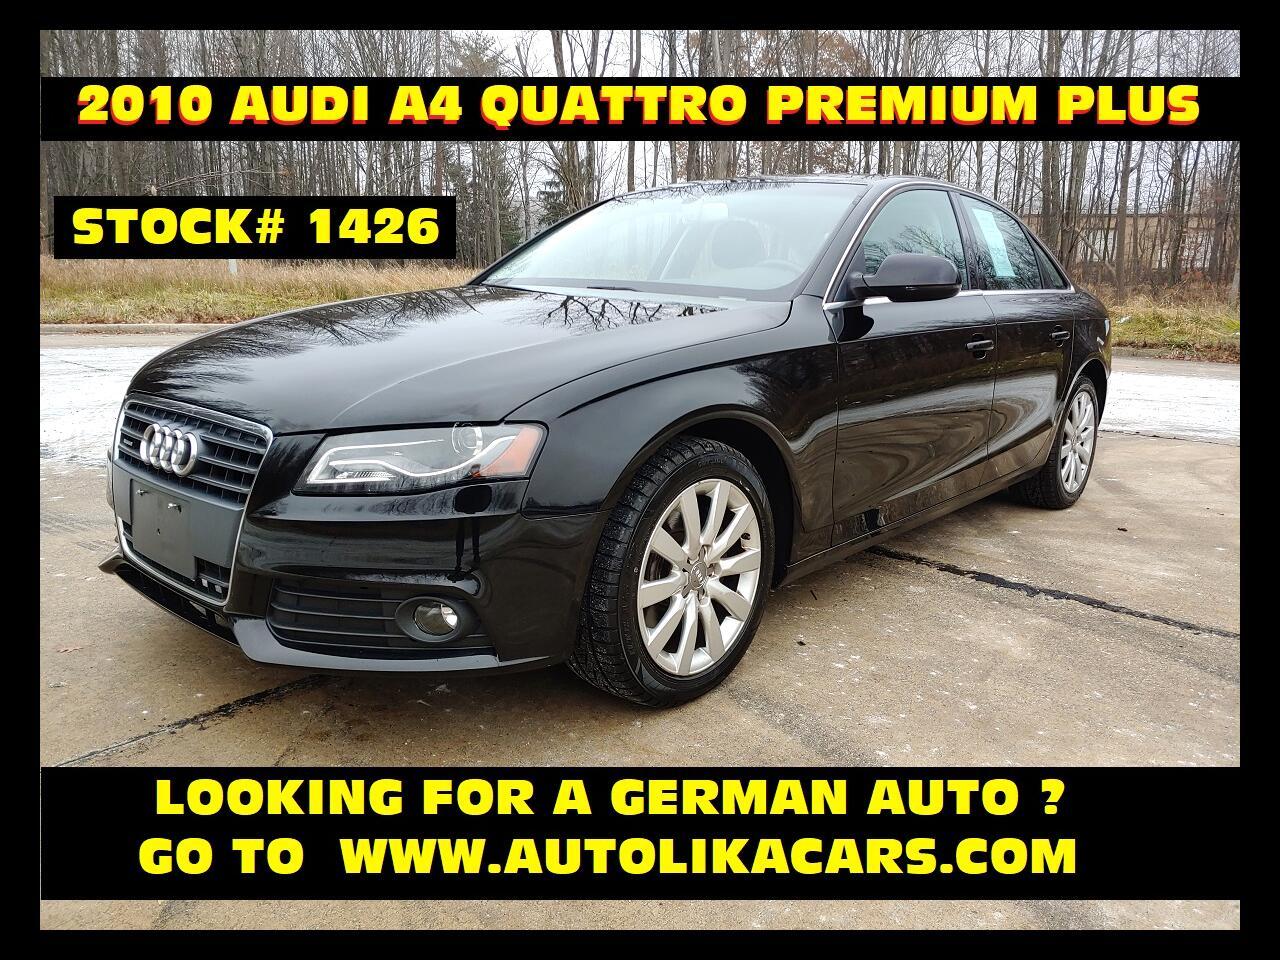 Audi A4 4dr Sdn Auto quattro 2.0T Premium  Plus 2010